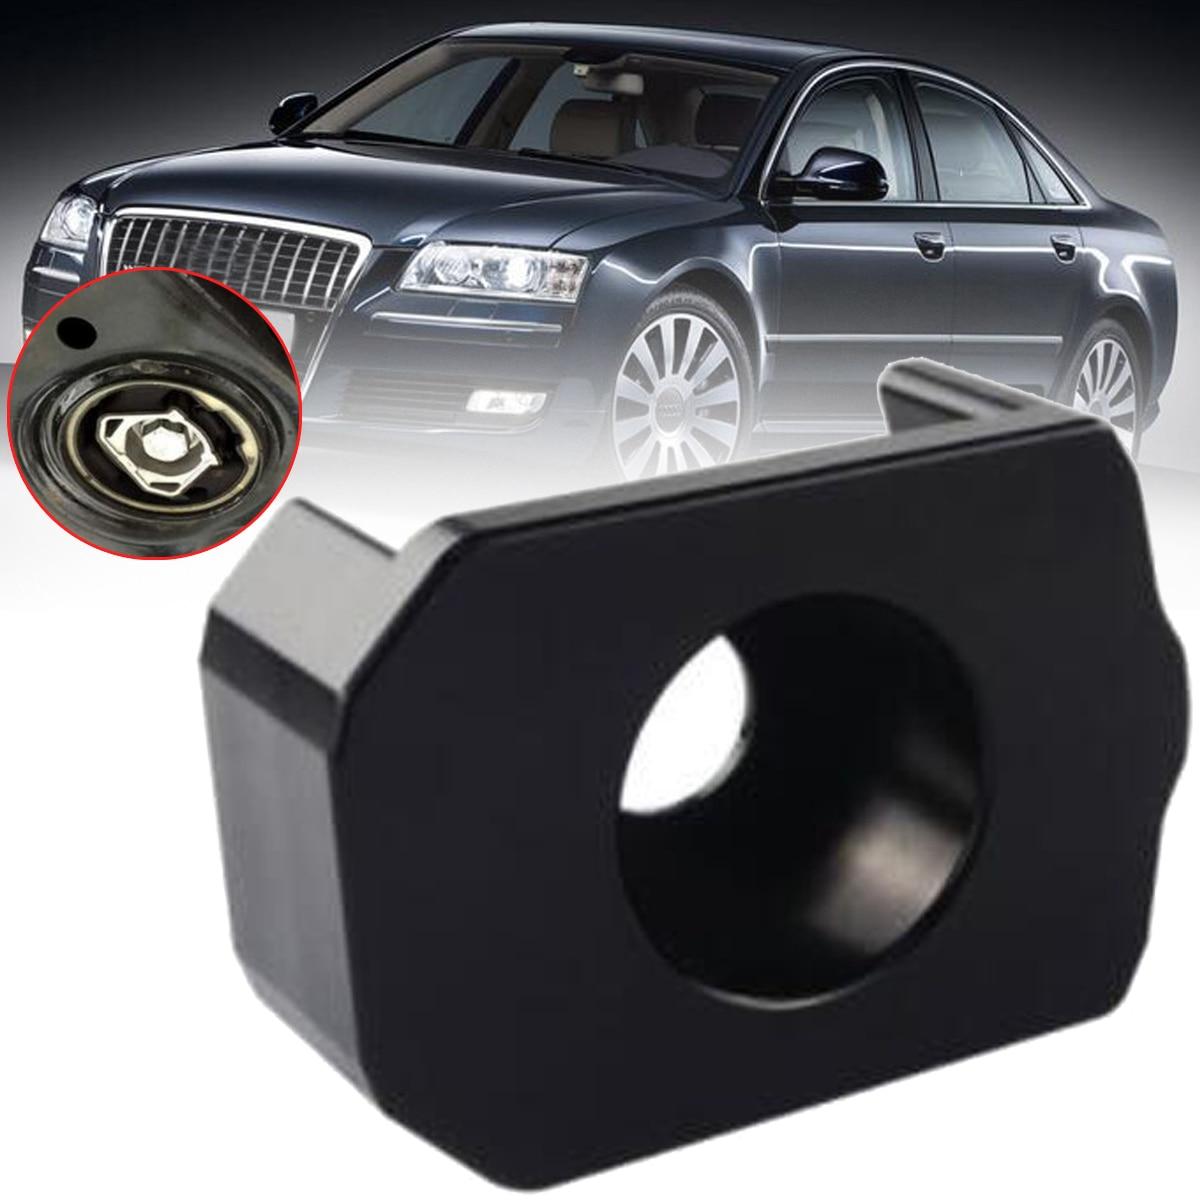 boleto de aluminio do carro mqb cao osso dogbone montagem insercao se encaixa para vw volkswagen